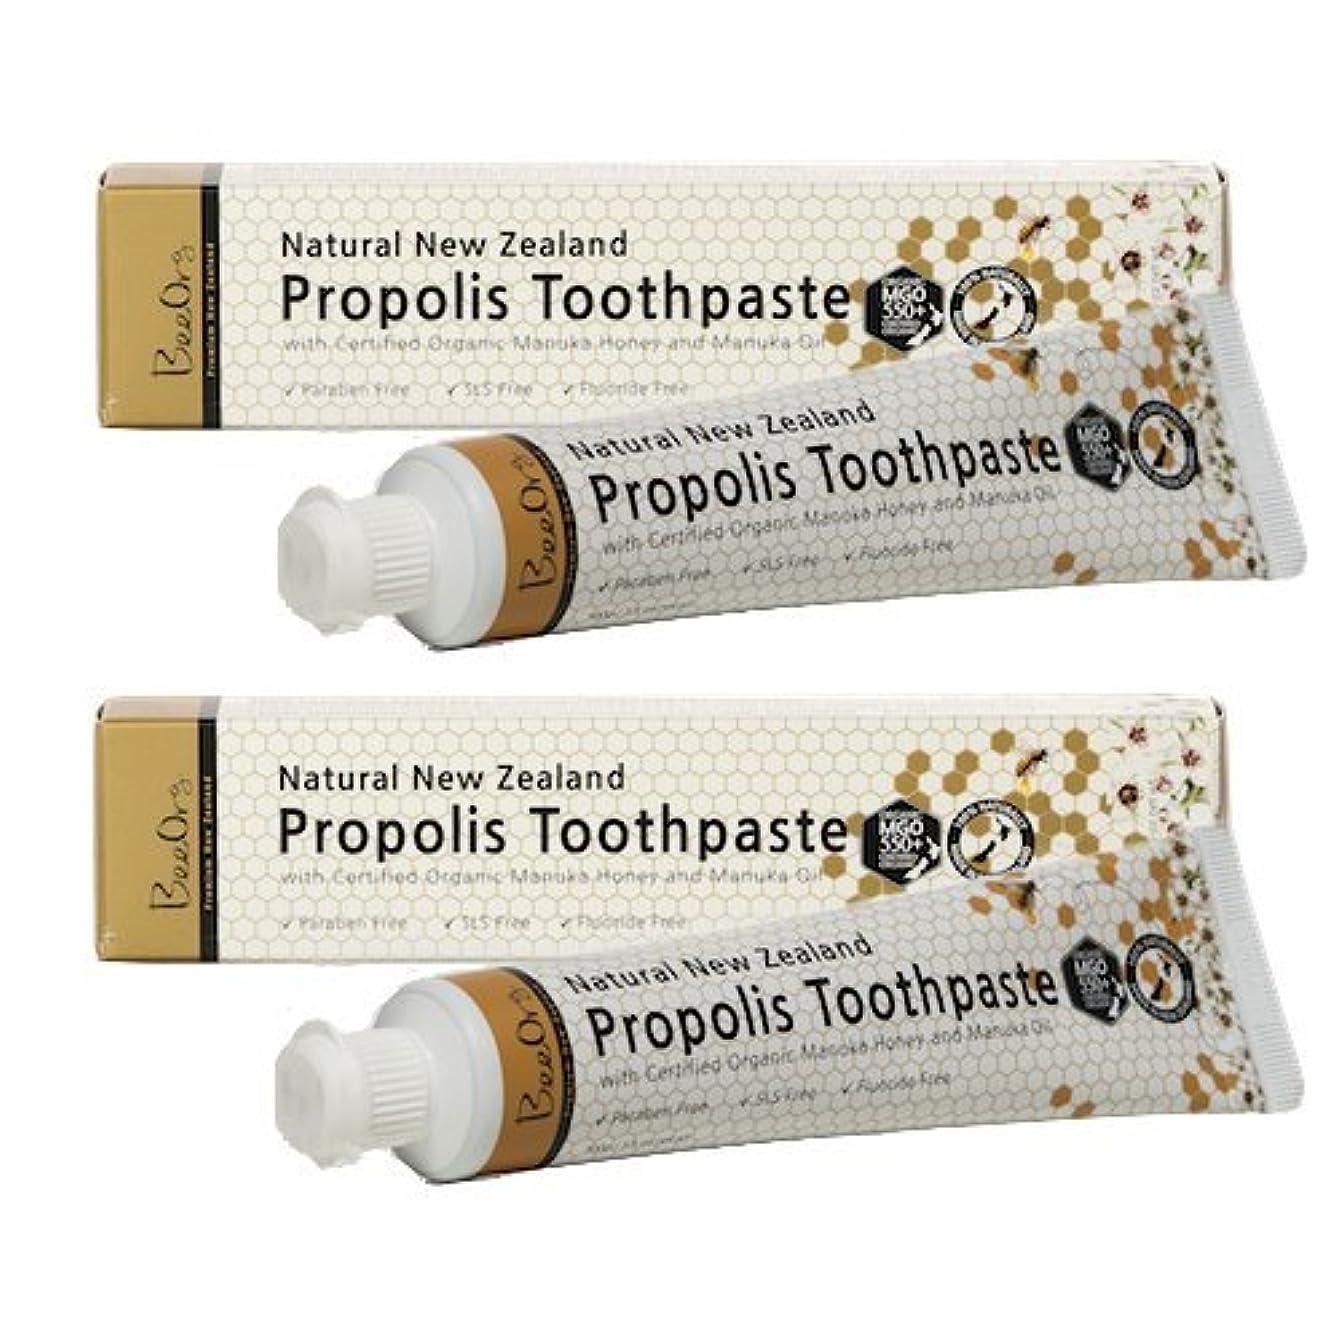 出身地名前を作る強いますプロポリス&オーガニック認定マヌカハニーwithマヌカオイル歯磨き 2本セット